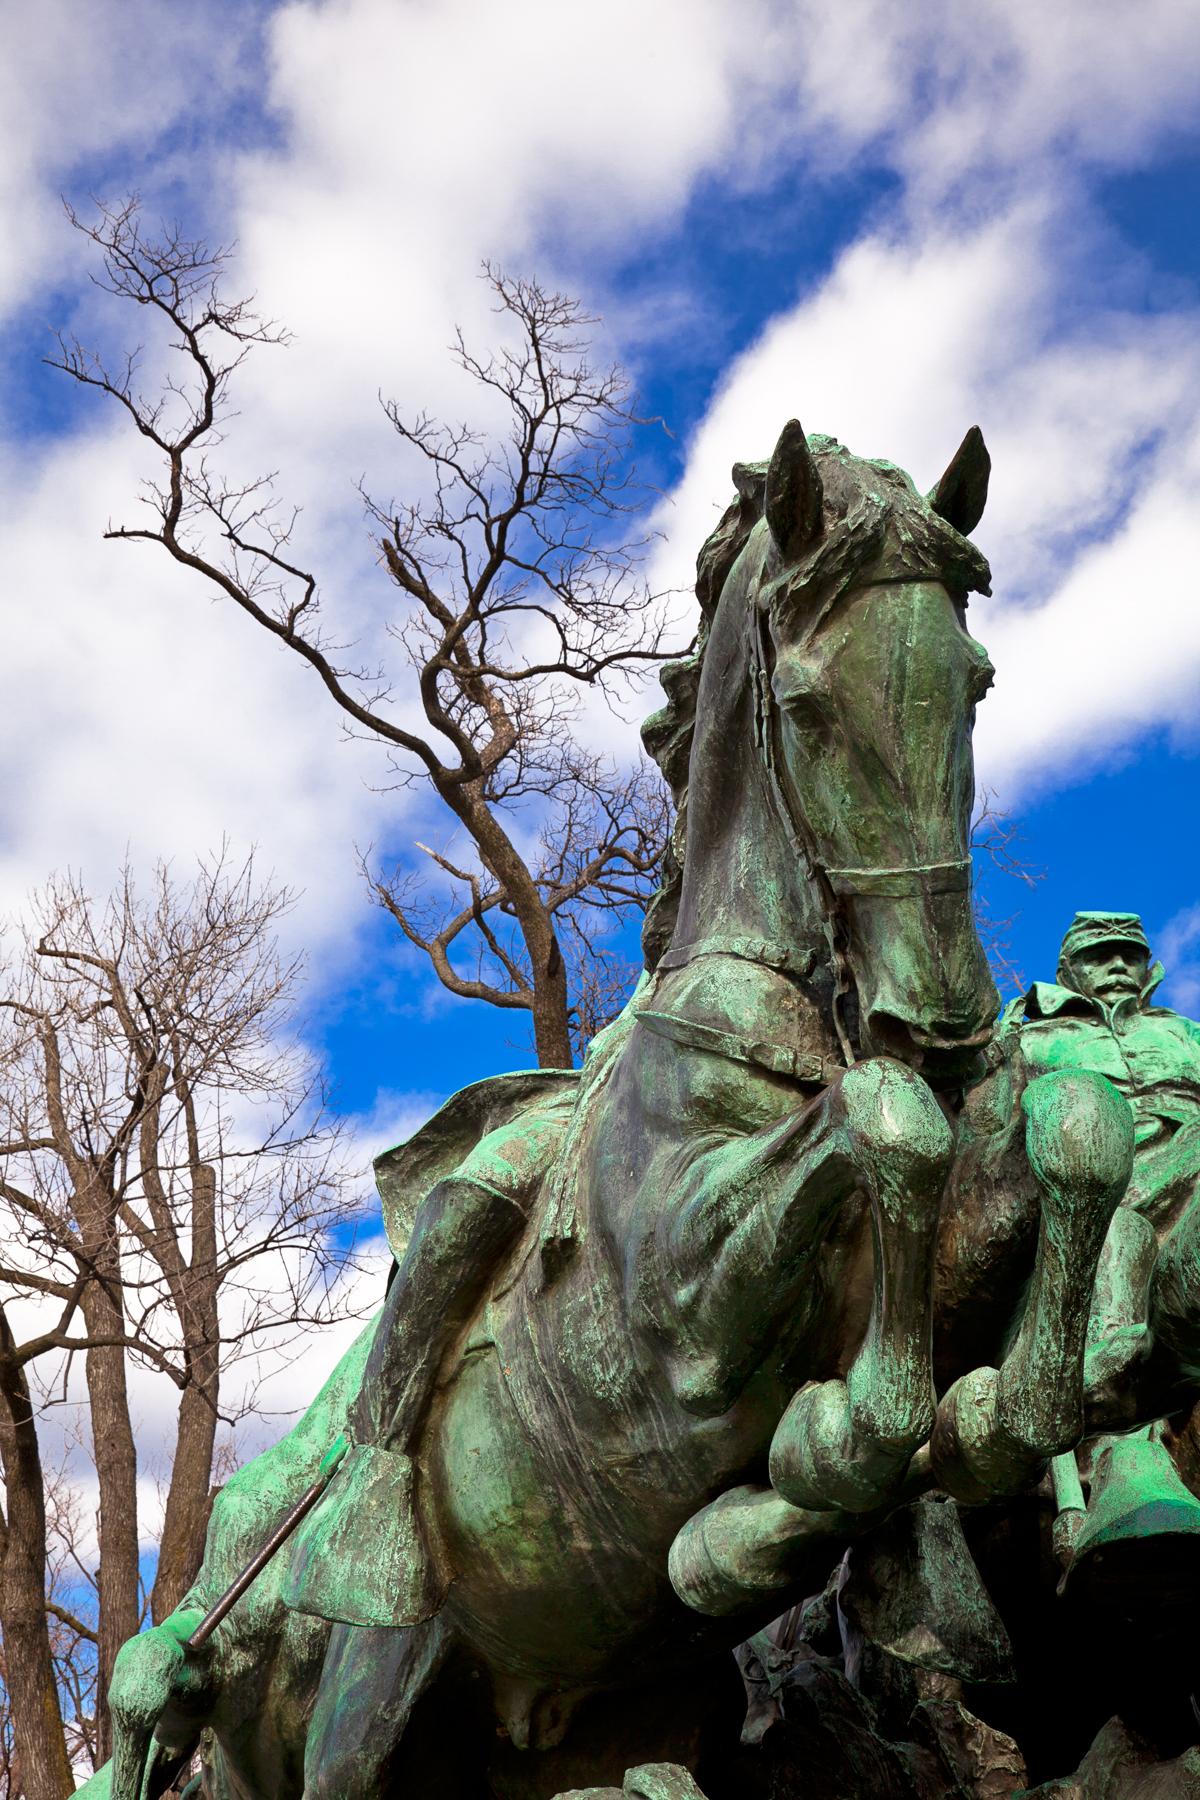 Grant Cavalry Memorial, States, Memorial, Monument, Photo, HQ Photo